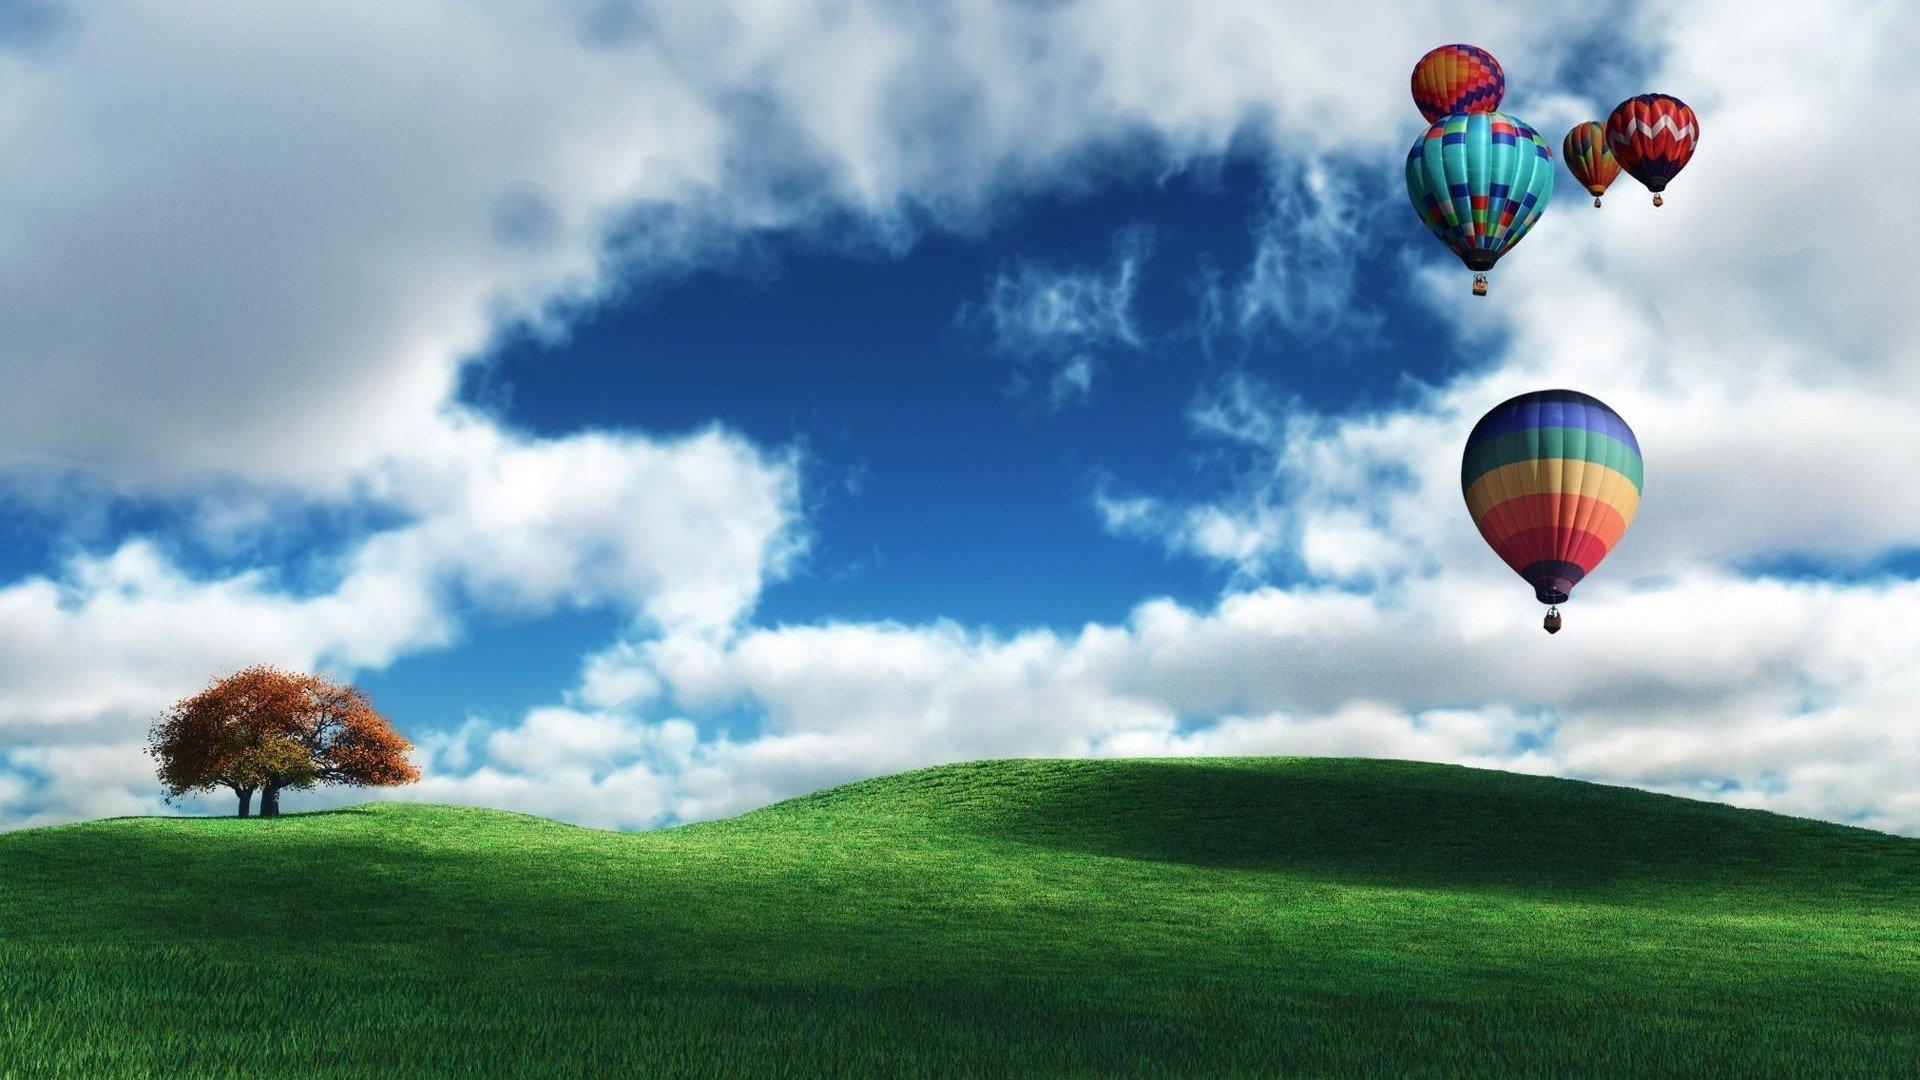 Hot air balloon wallpapers 1920x1080 full hd 1080p desktop backgrounds - Air wallpaper hd ...